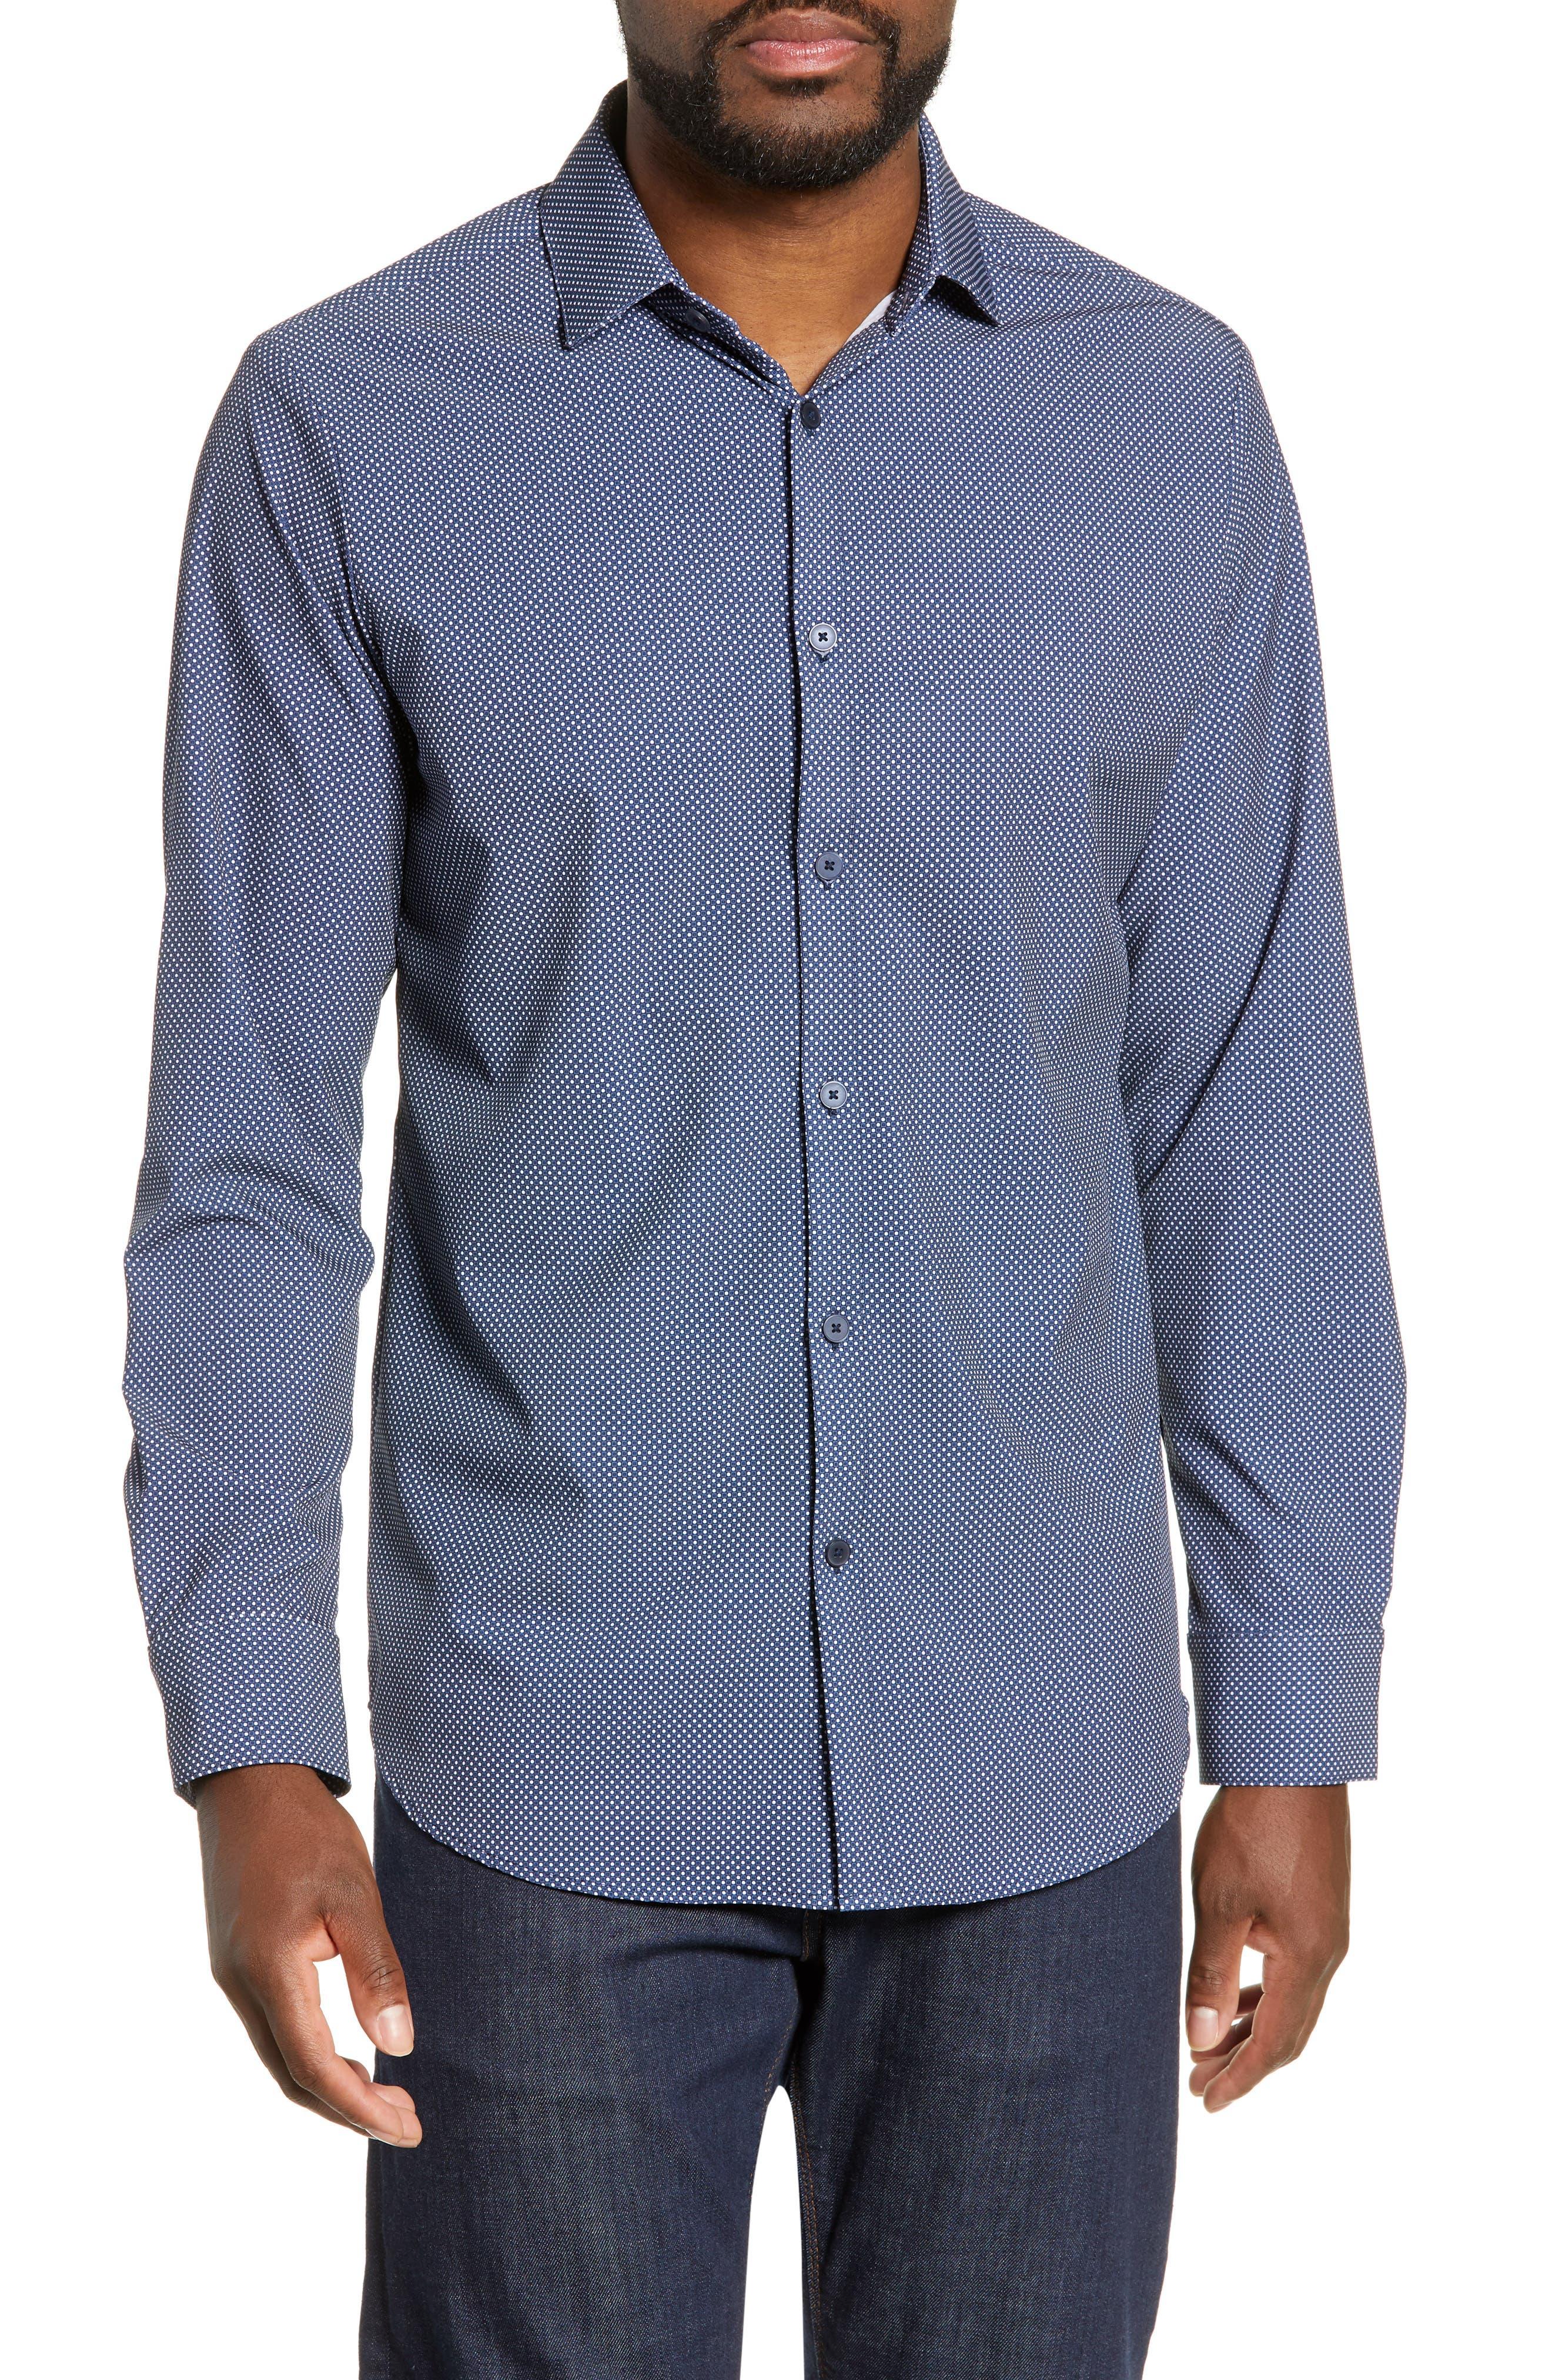 MIZZEN+MAIN Murray Trim Fit Plaid Performance Sport Shirt, Main, color, NAVY